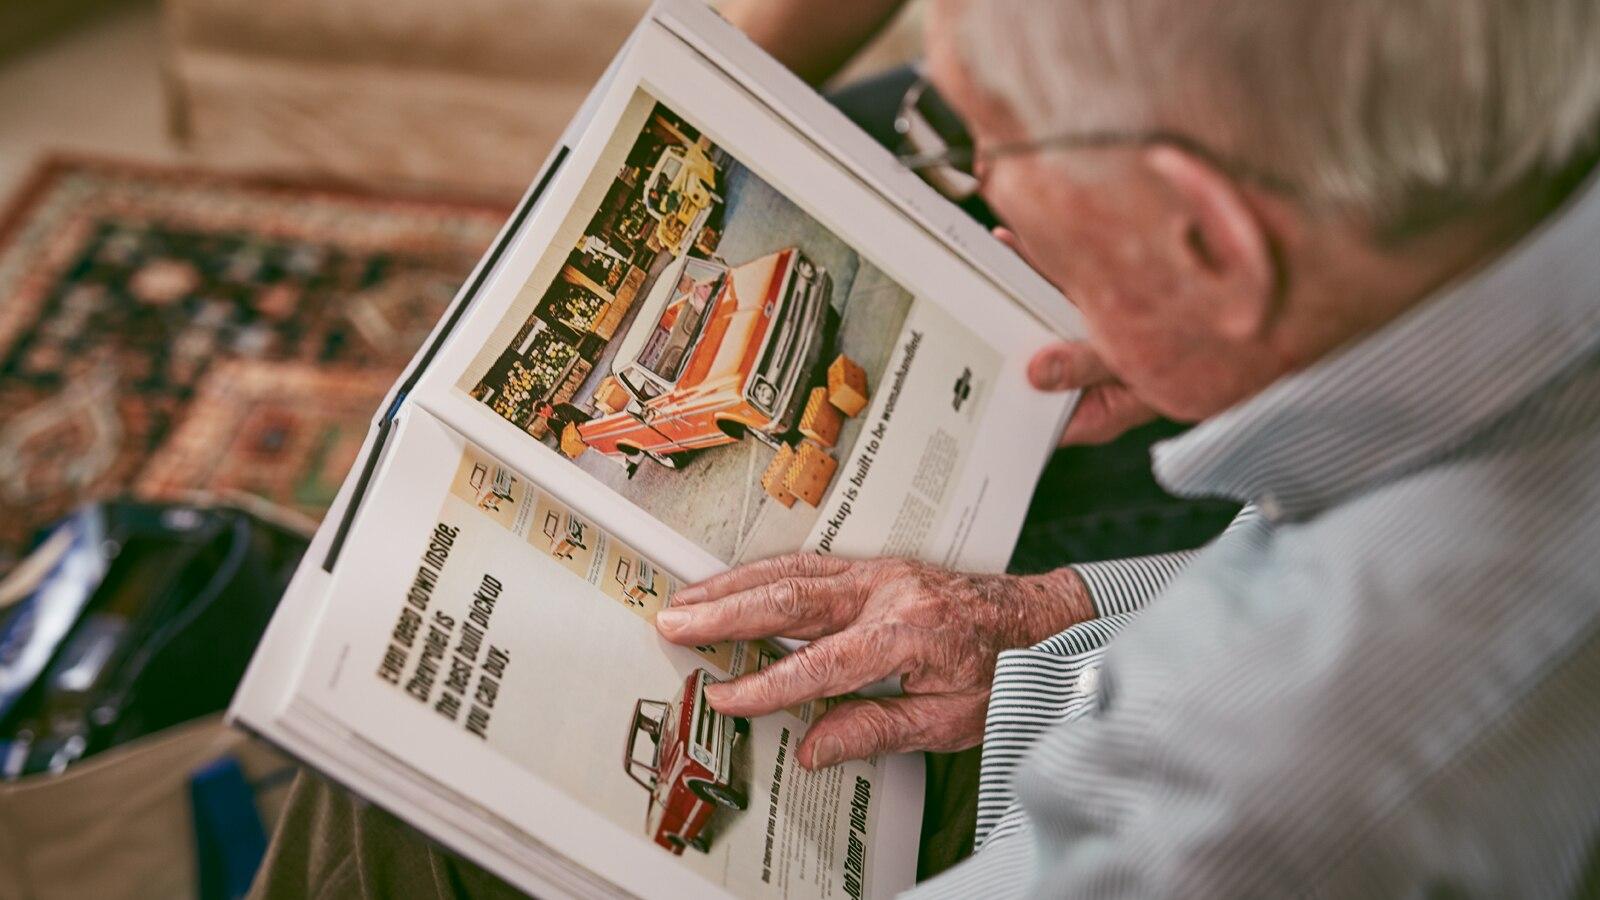 Paul Hitch mira los anuncios clásicos de algunas de las camionetas que ayudó a diseñar.